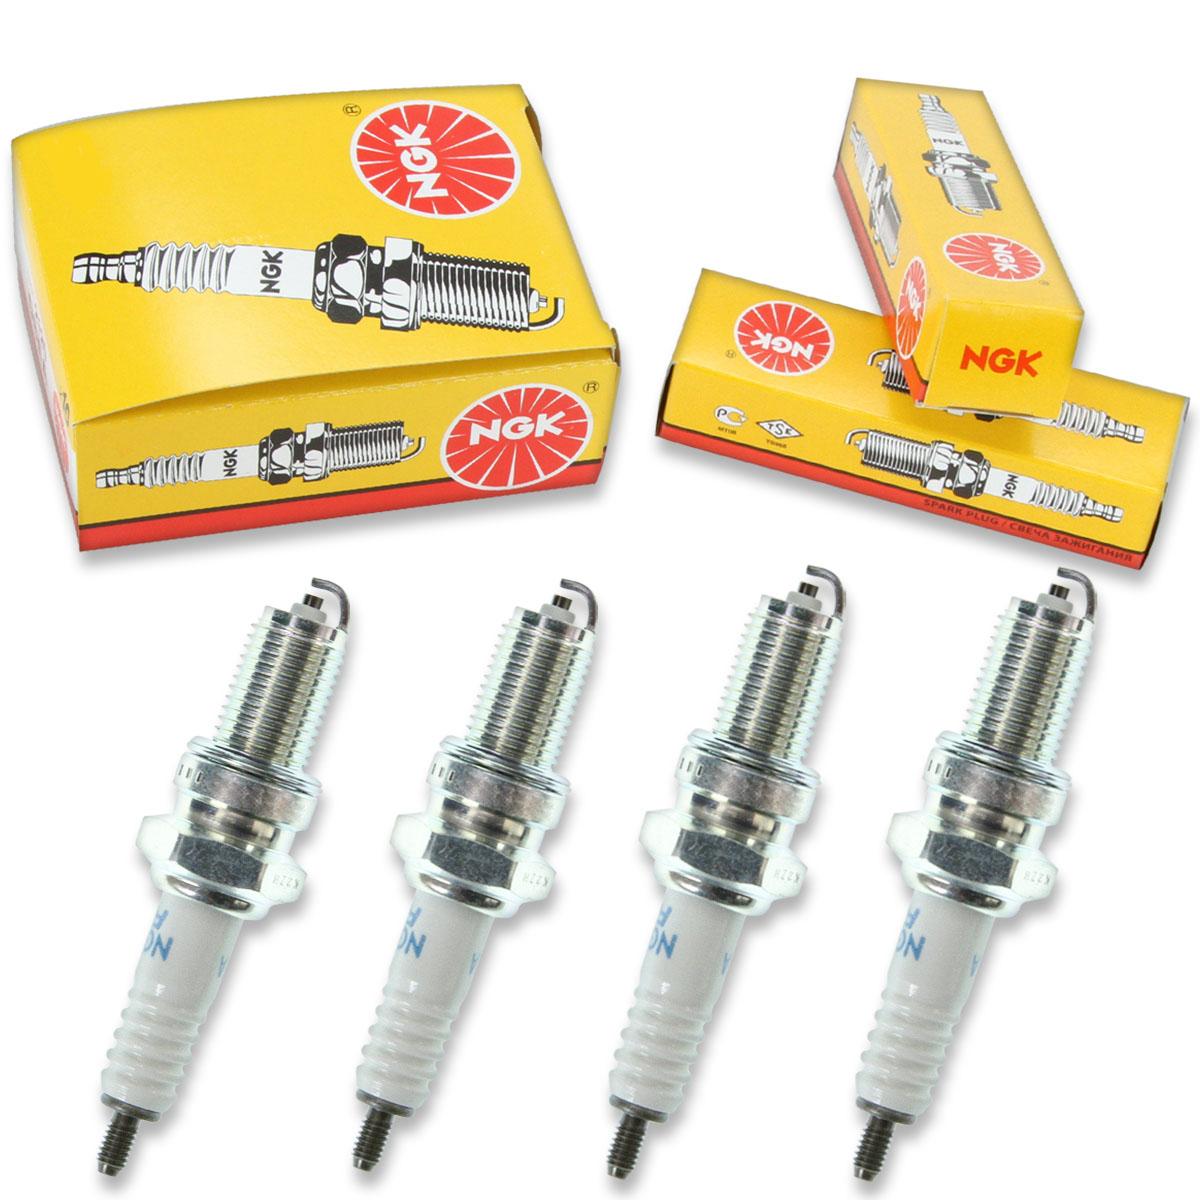 5329 DPR9EA-9 Standard Spark Plug Set of 4 NGK